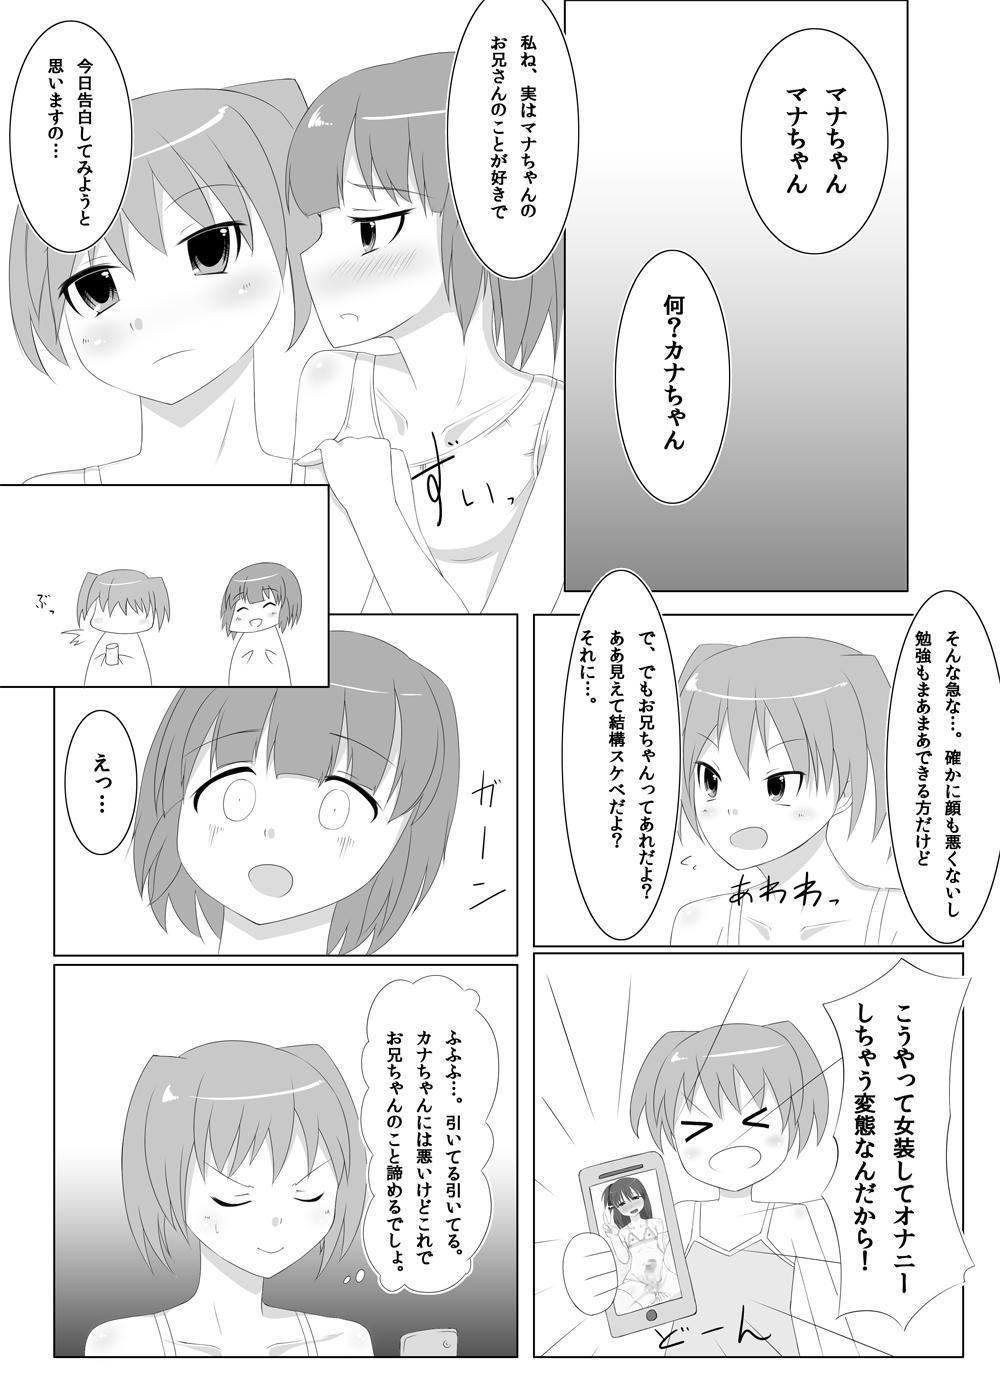 Futanari Time! Vol. 2 4